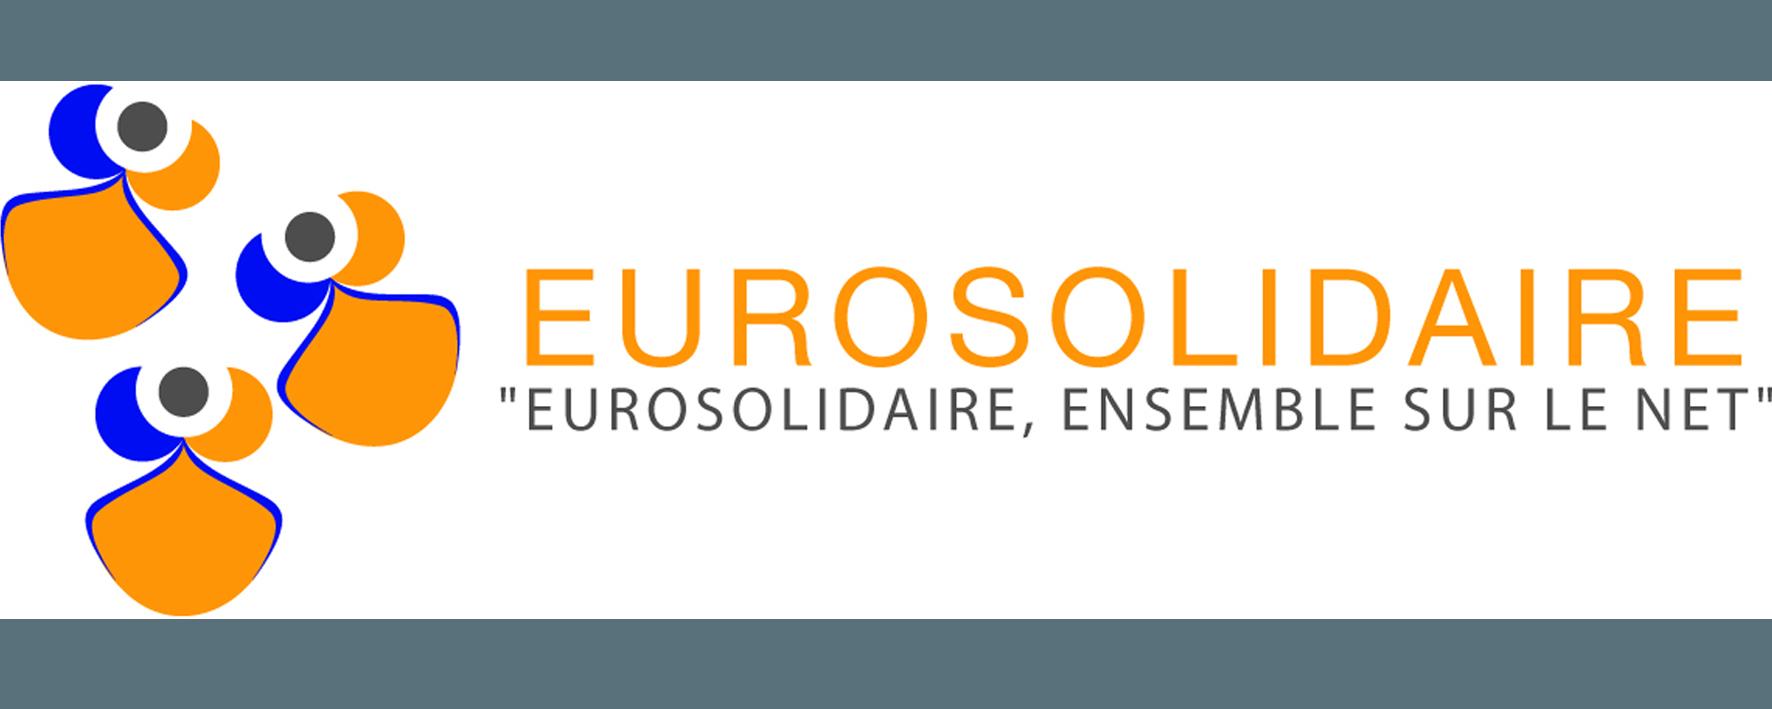 banniere-eurosolidaire-DA.jpg